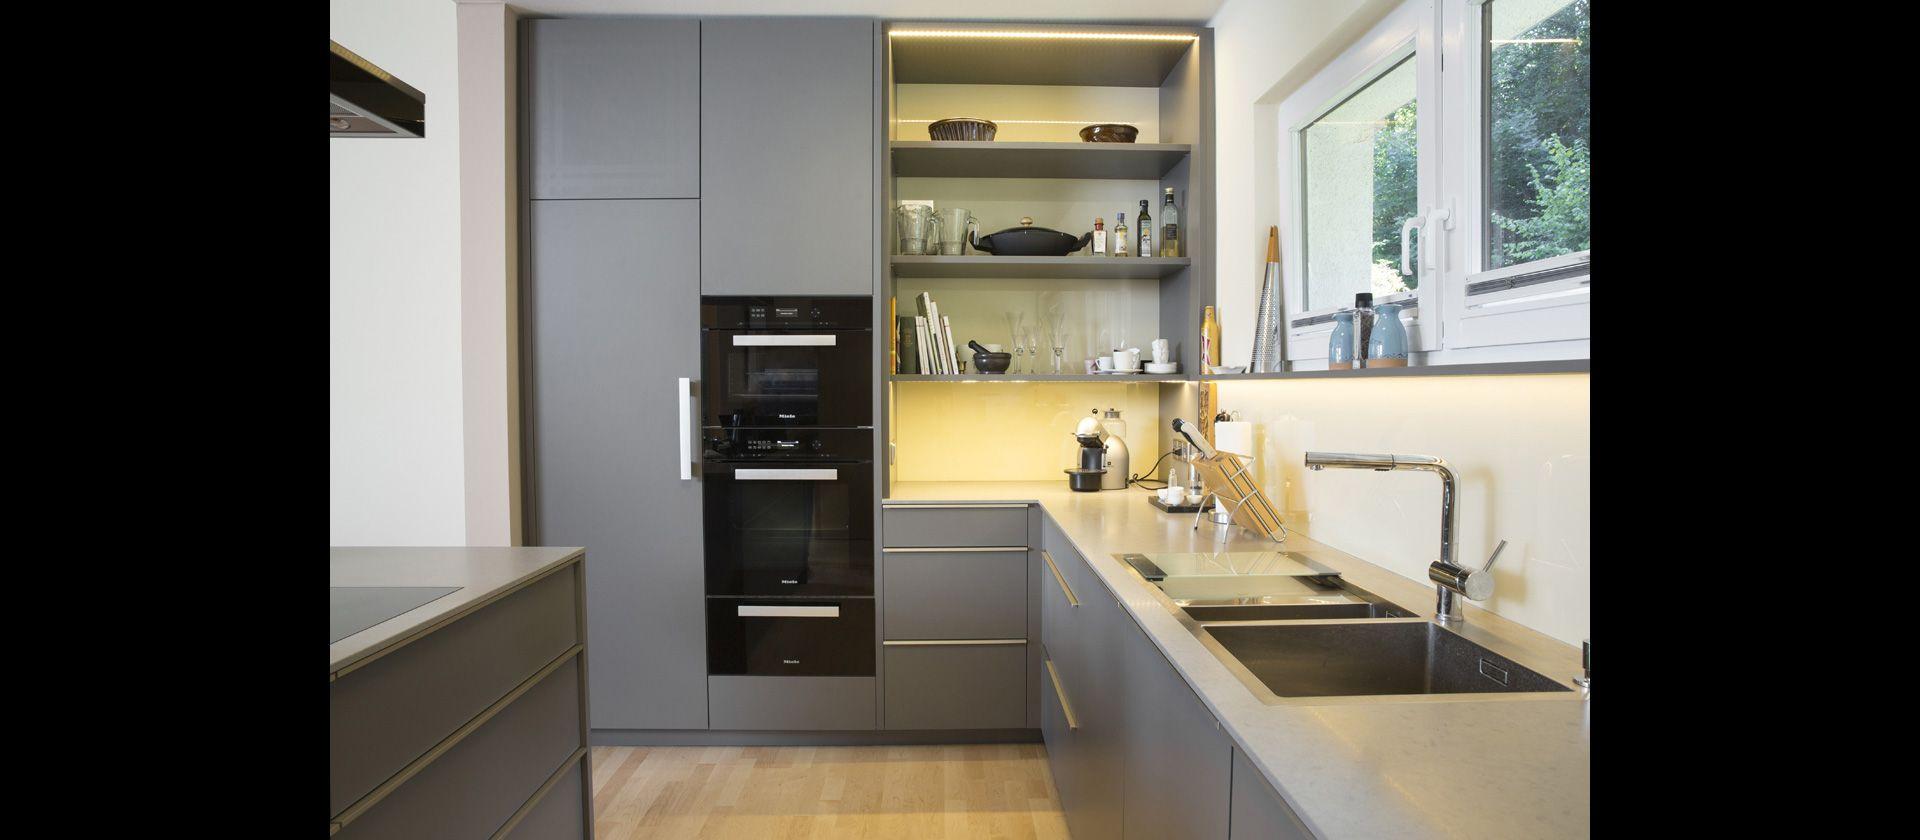 1 rk küchendesign mtbküche in beschichtung grau  küchen design  pinterest  mtb